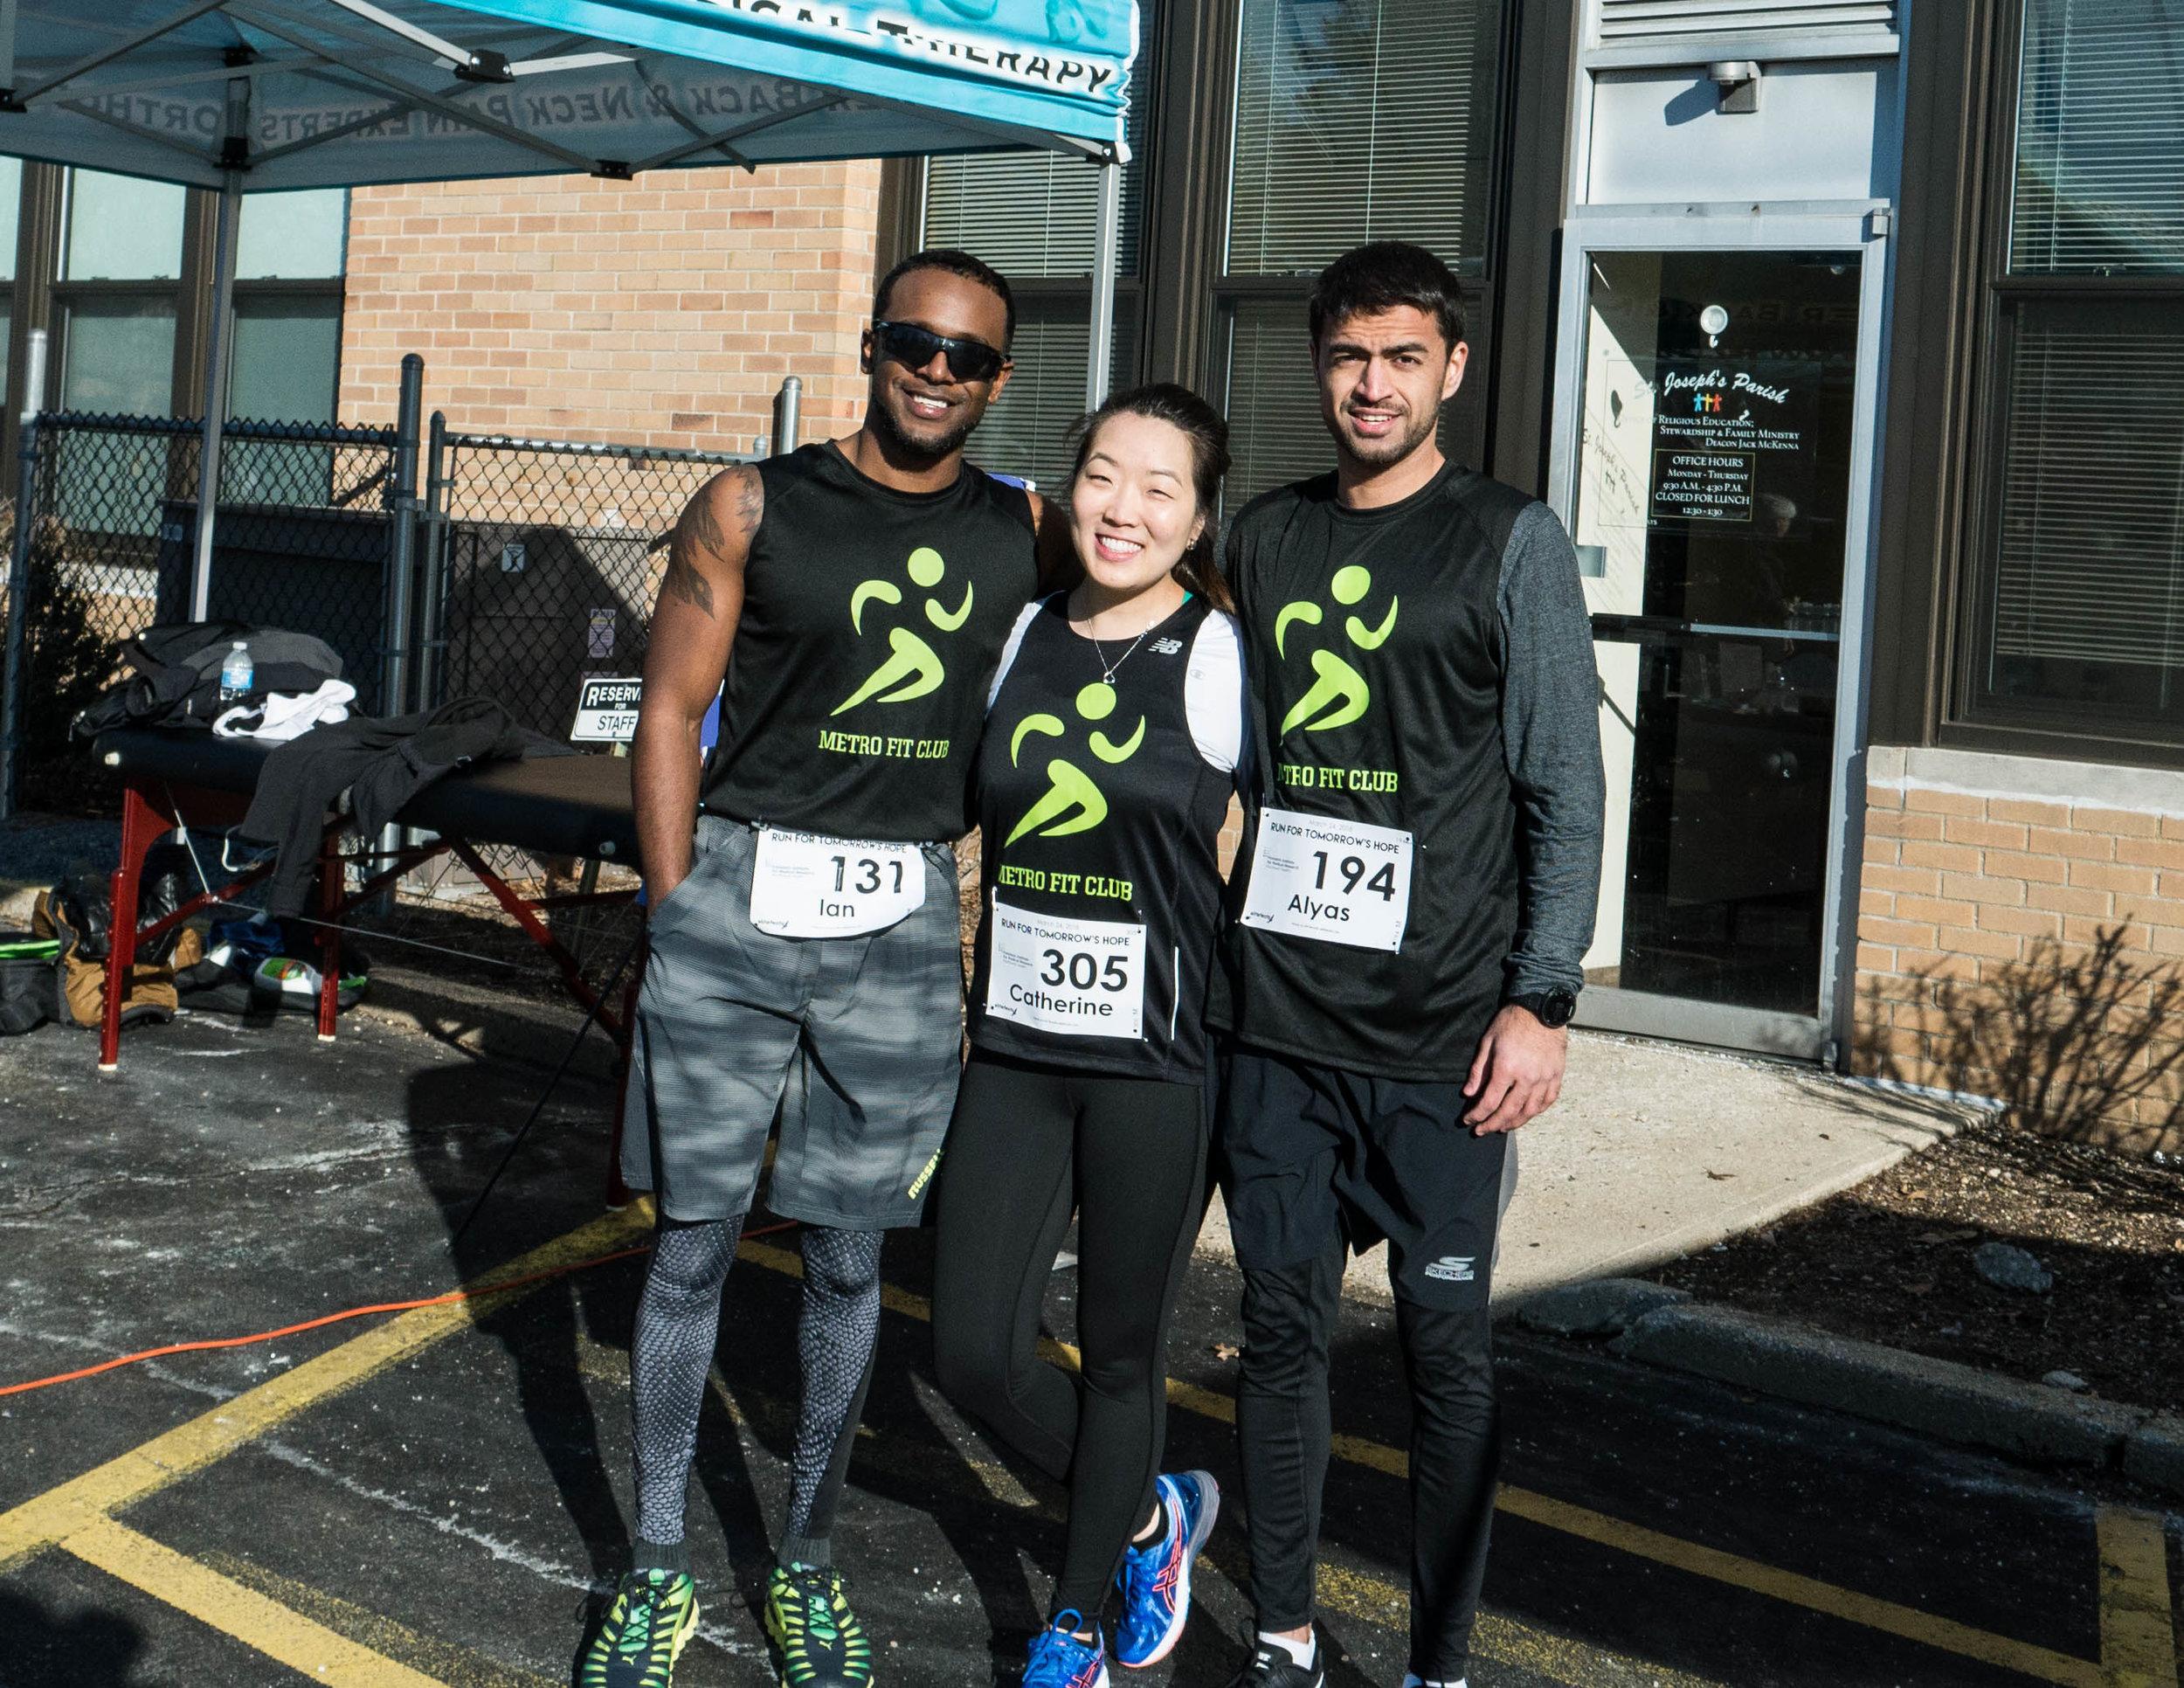 2018 Run for Hope 5k